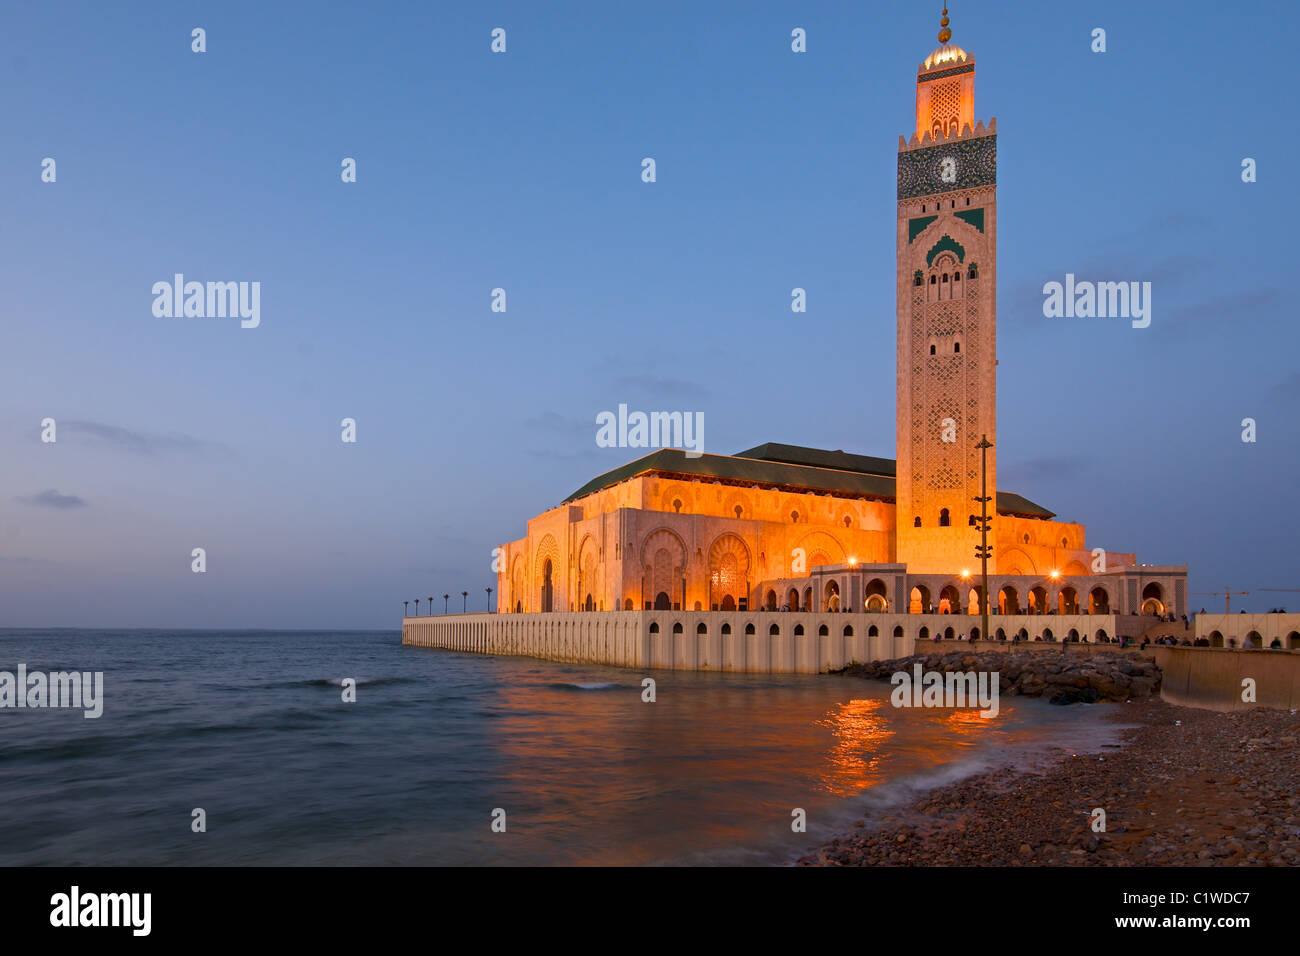 Il re Hassan II Mosque, Casablanca, Marocco catturati durante un bel tramonto Immagini Stock